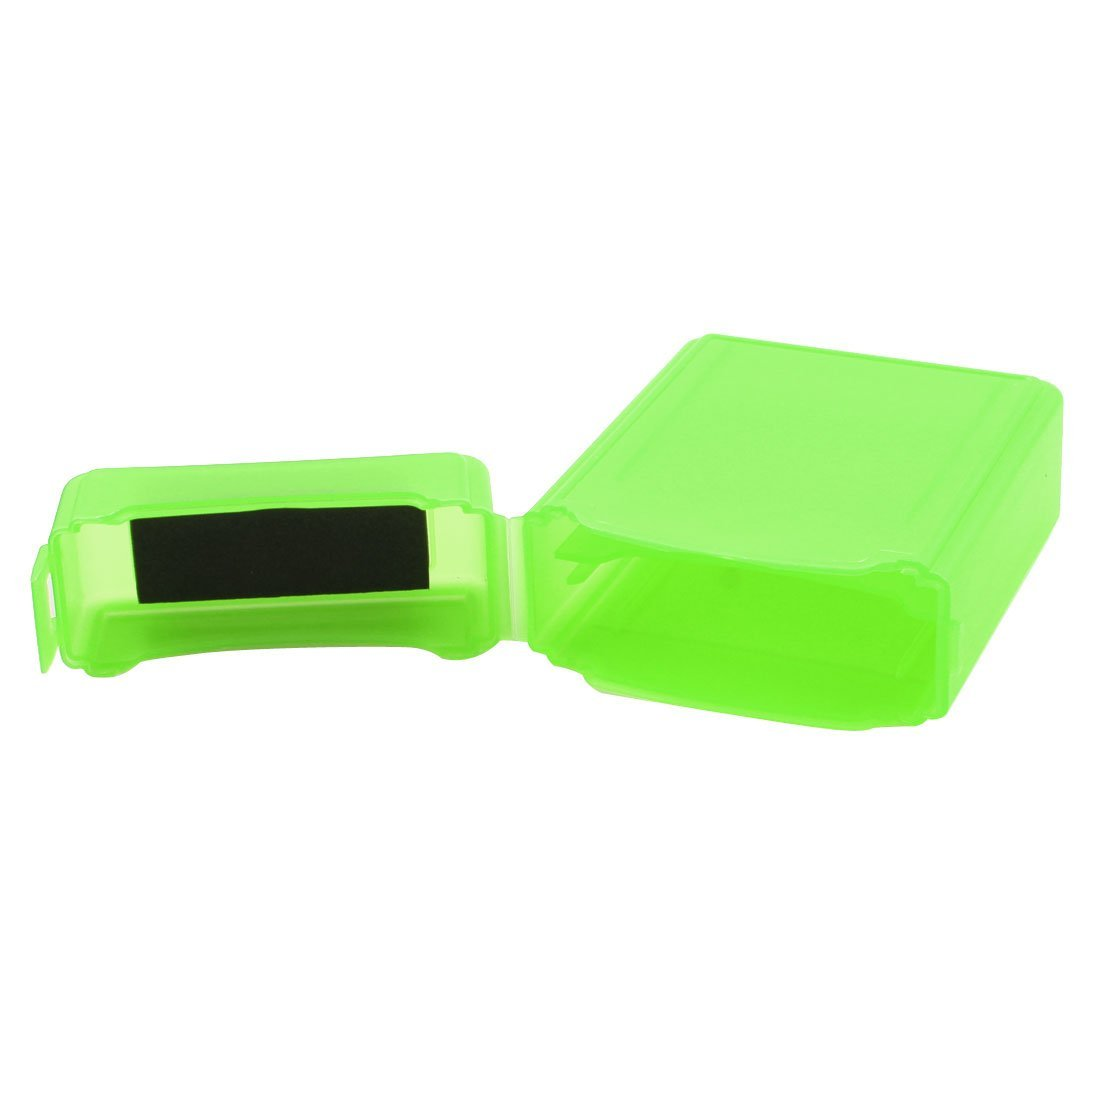 Amazon.com: eDealMax plástico HDD portátil externa protectora de almacenamiento Caja Verde Para el ordenador portátil DE 2,5 pulgadas Disco Duro: ...